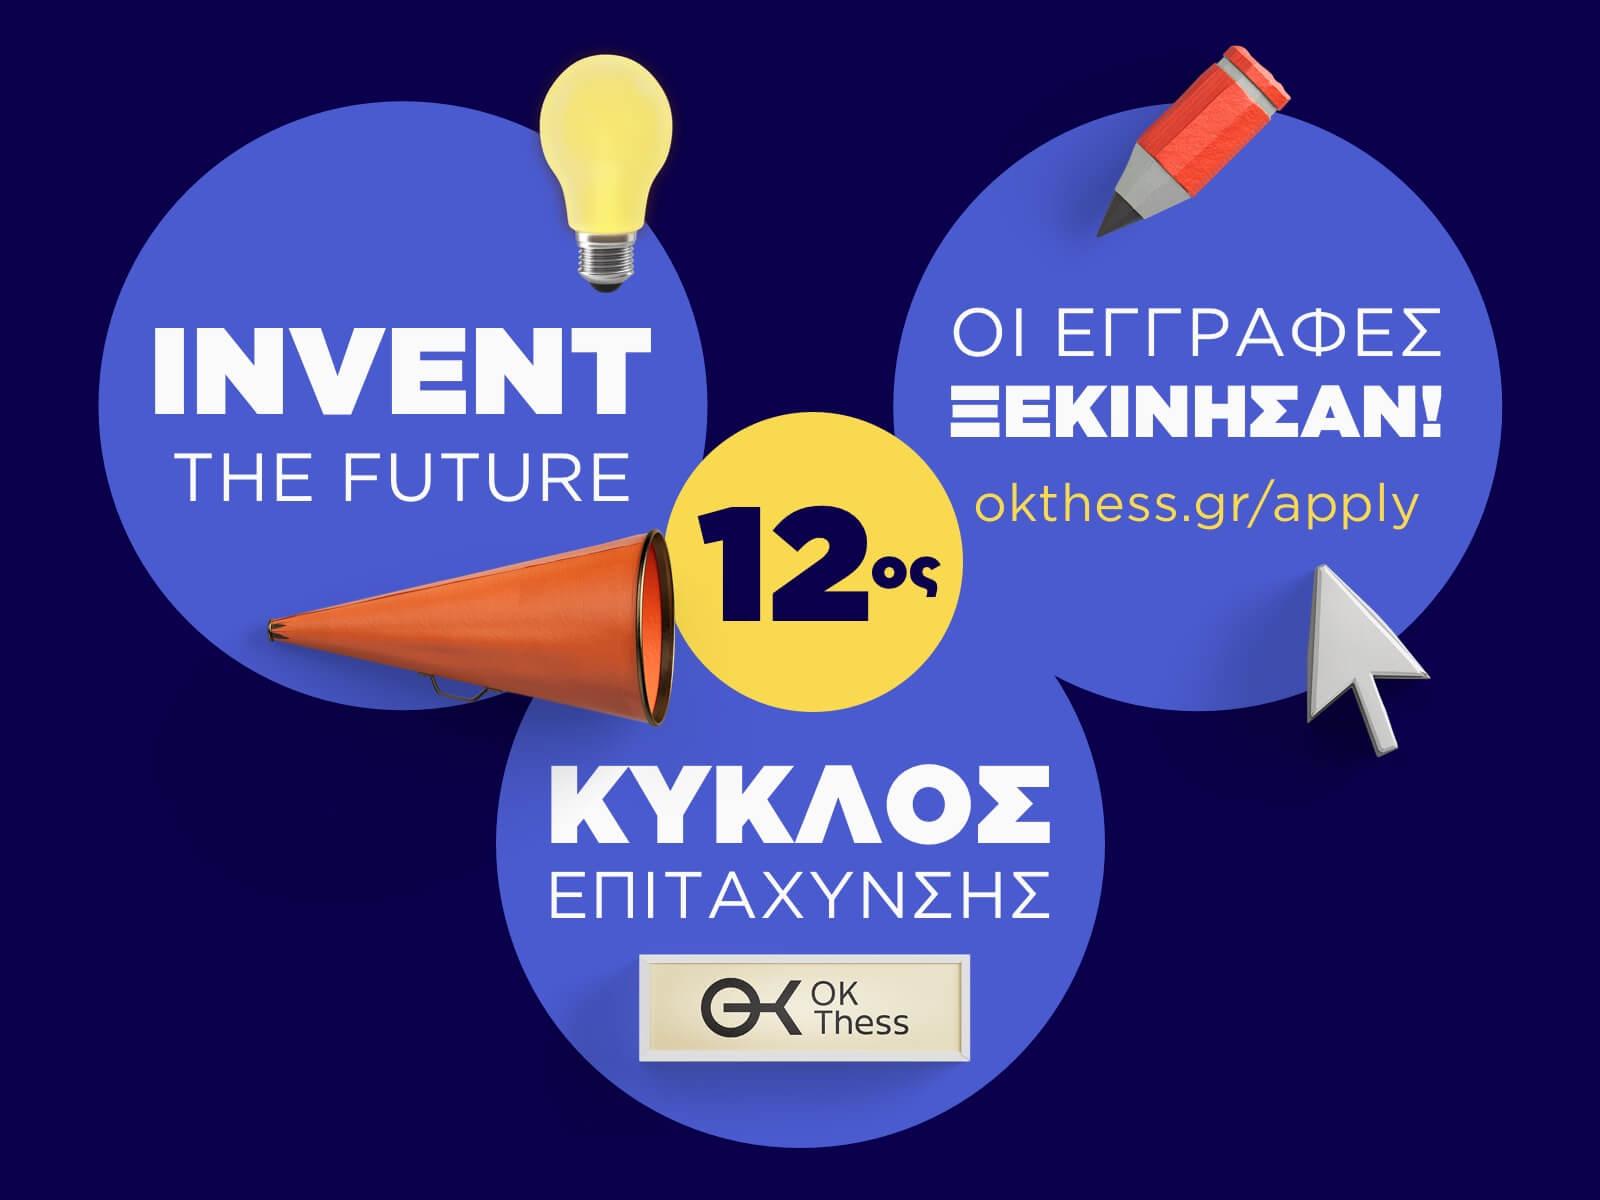 Νέος online κύκλος επιτάχυνσης για startups από το OK!Thess!